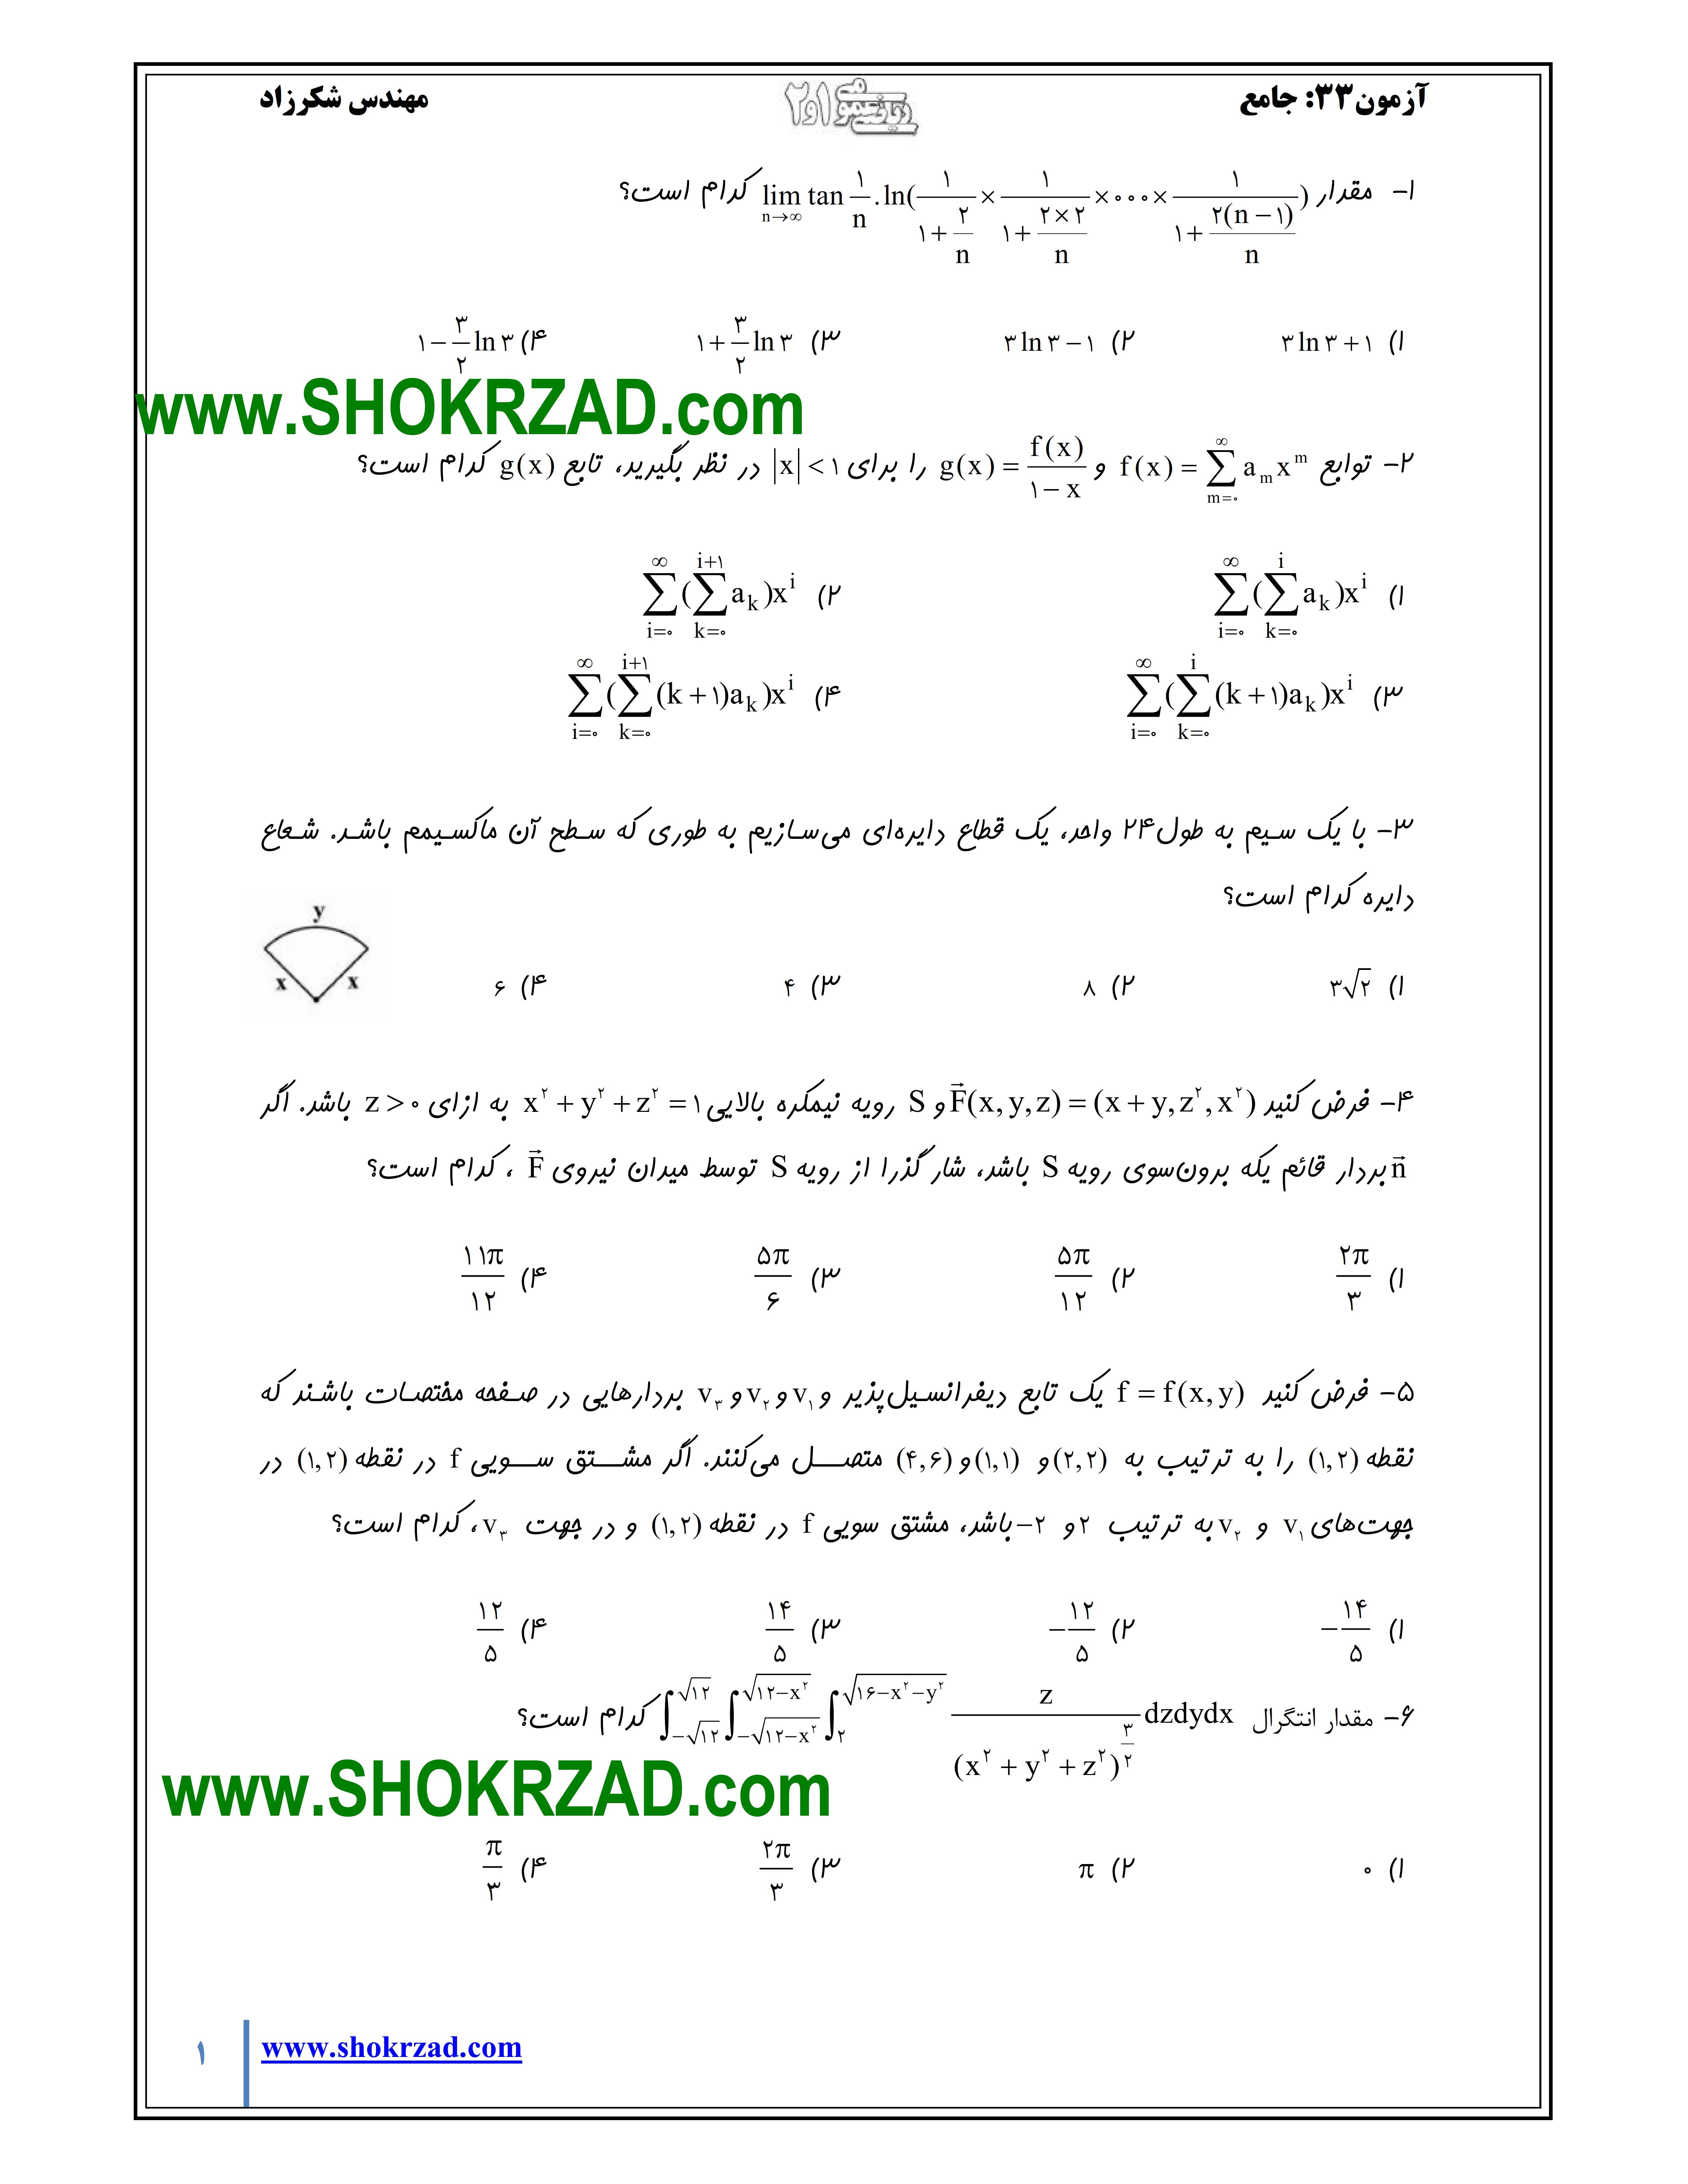 آزمونک ریاضی عمومی 1و2